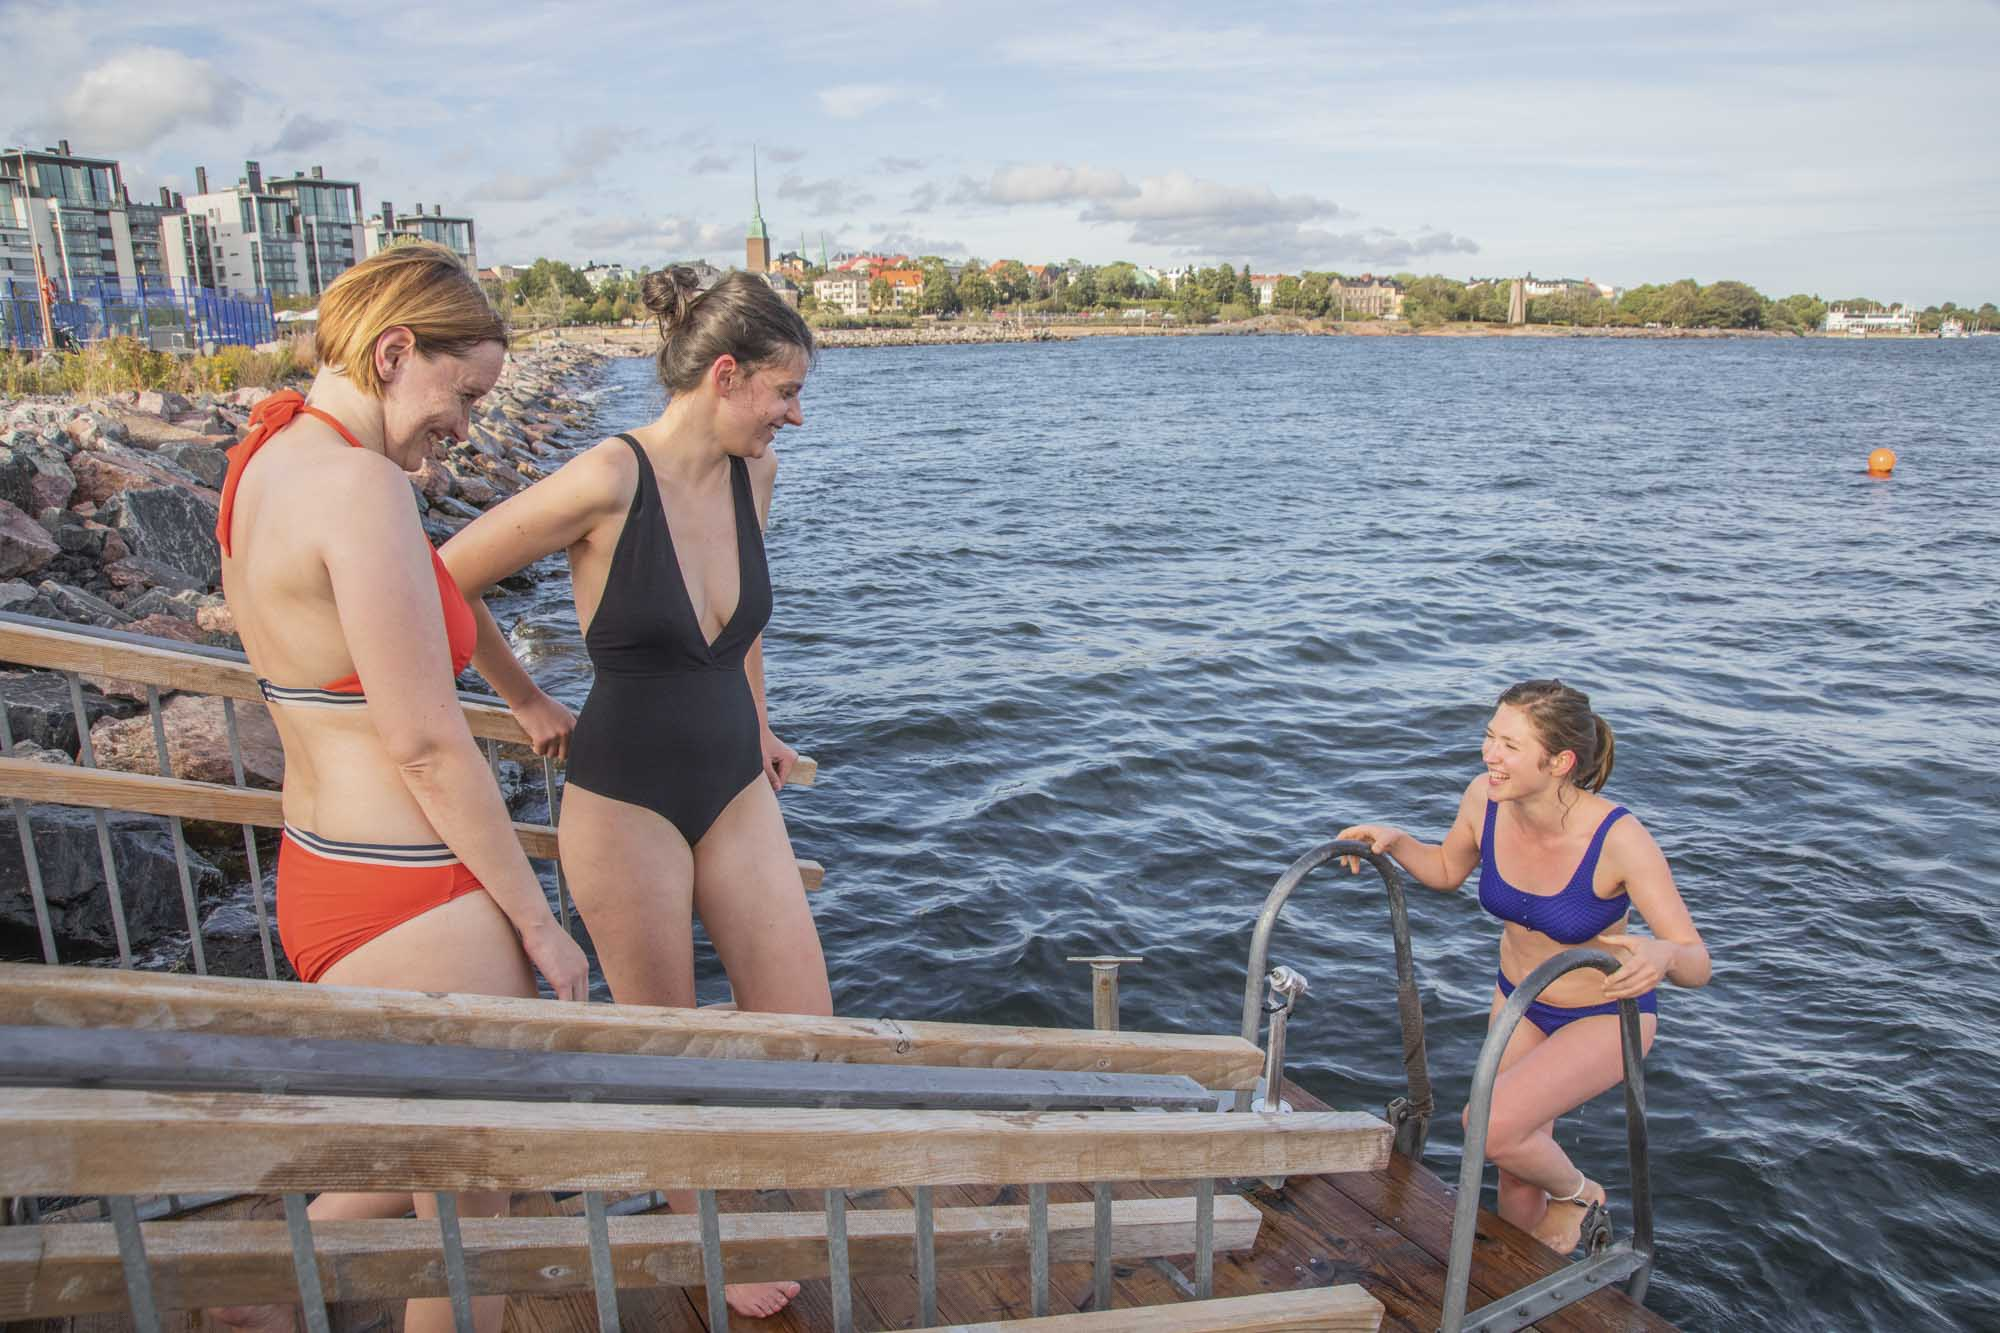 Finnland, Helsinki, Industrieviertel Hernesaari, Löyly Sauna. Nach der Sauna gibts Abkühlung im Meer, Finnischer Meerbusen